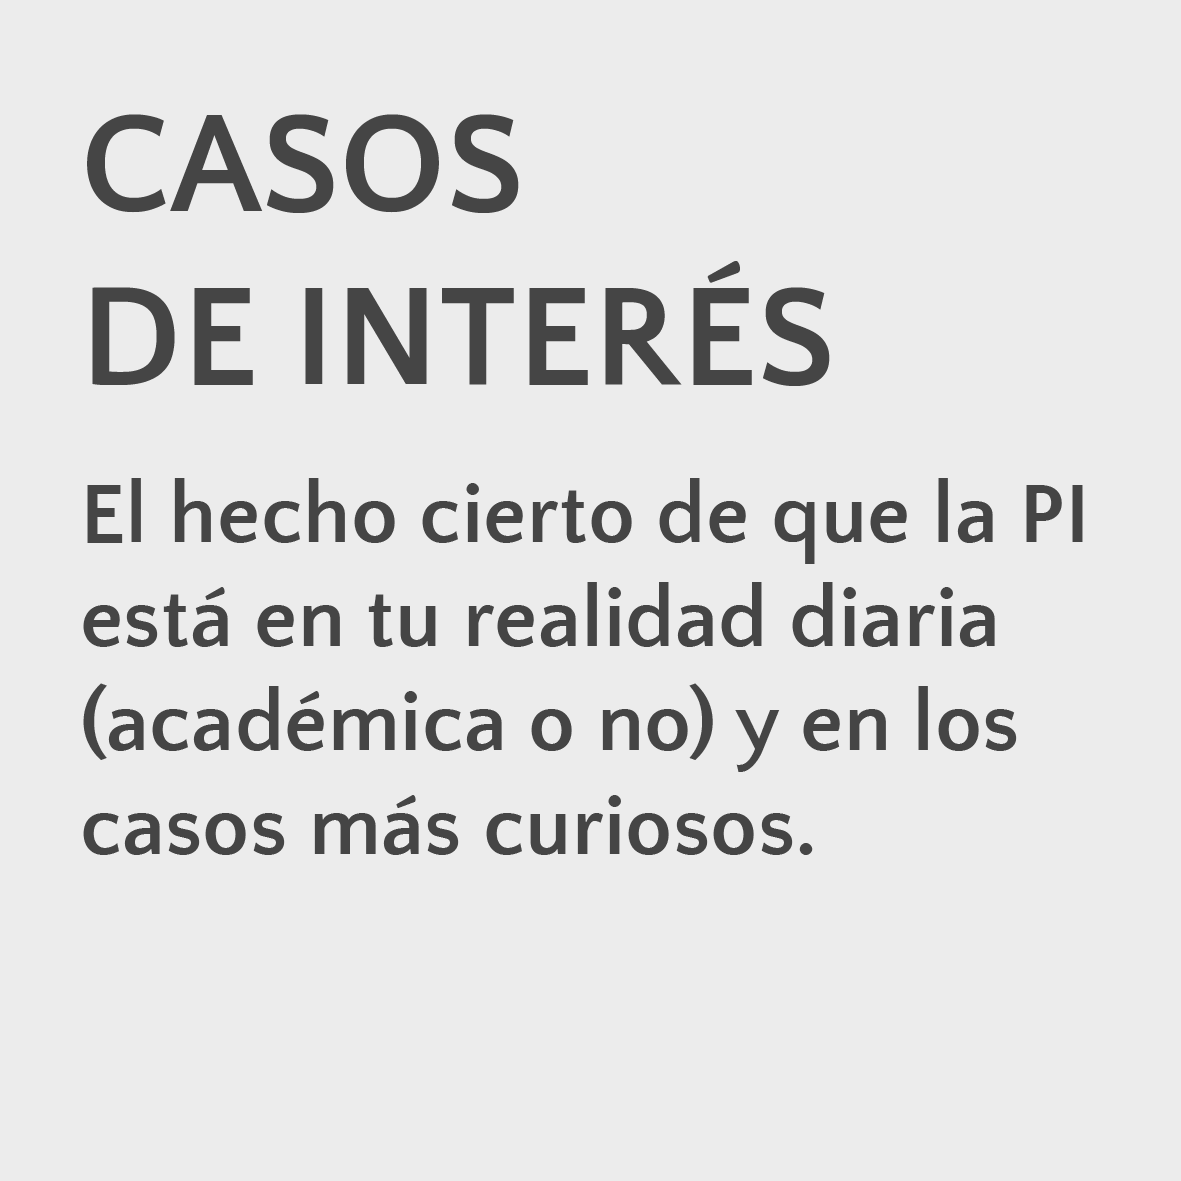 Casos de interés